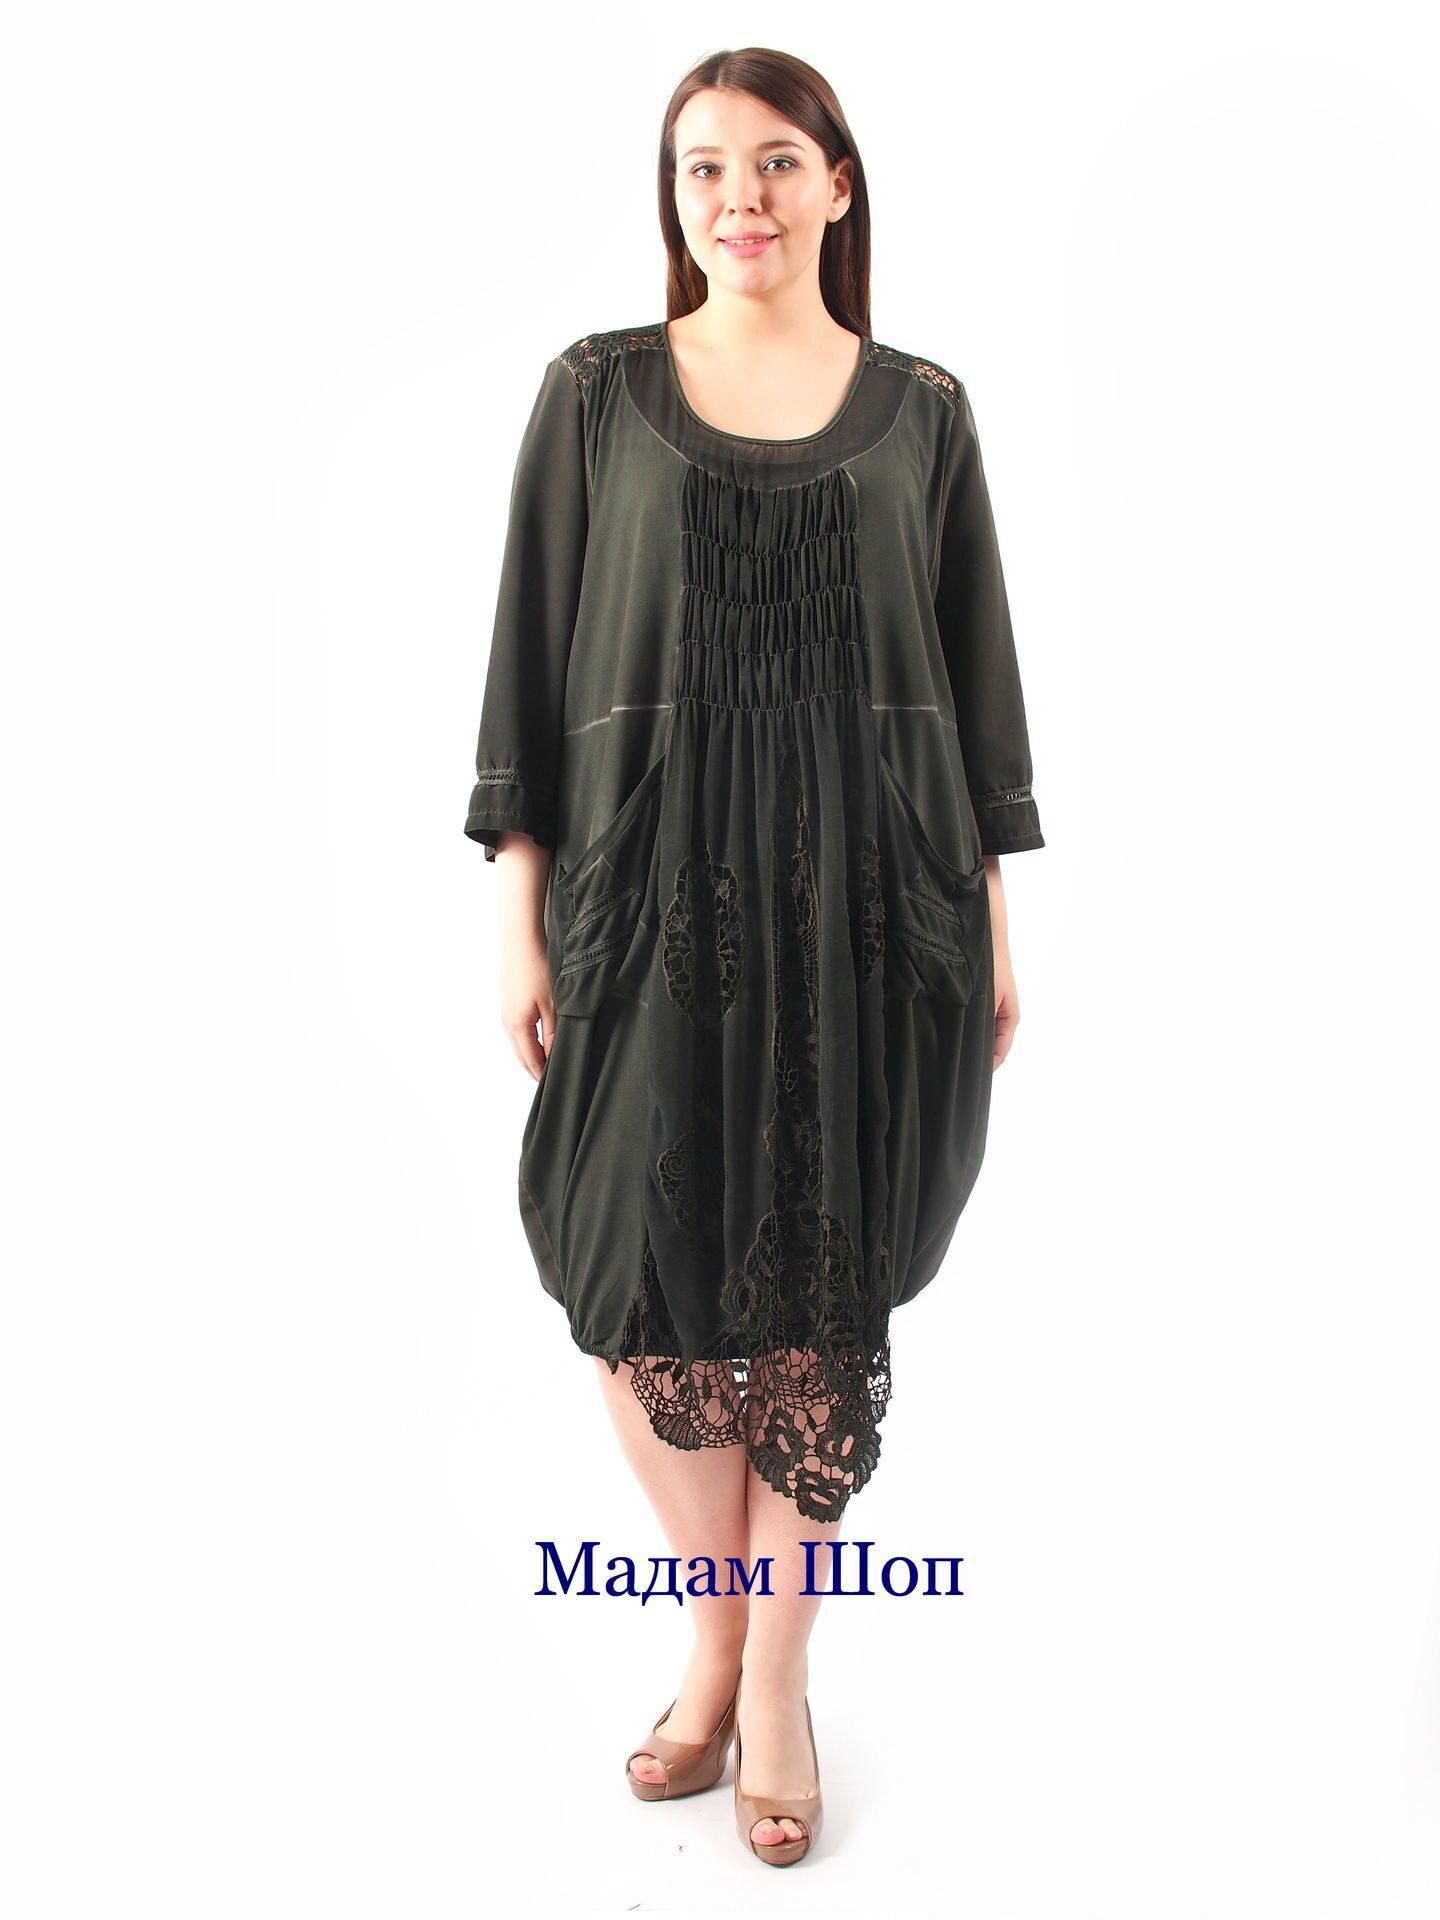 57827b4fb48 Купить в интернет-магазине платье болотного цвета 58-60-62 размера с ...